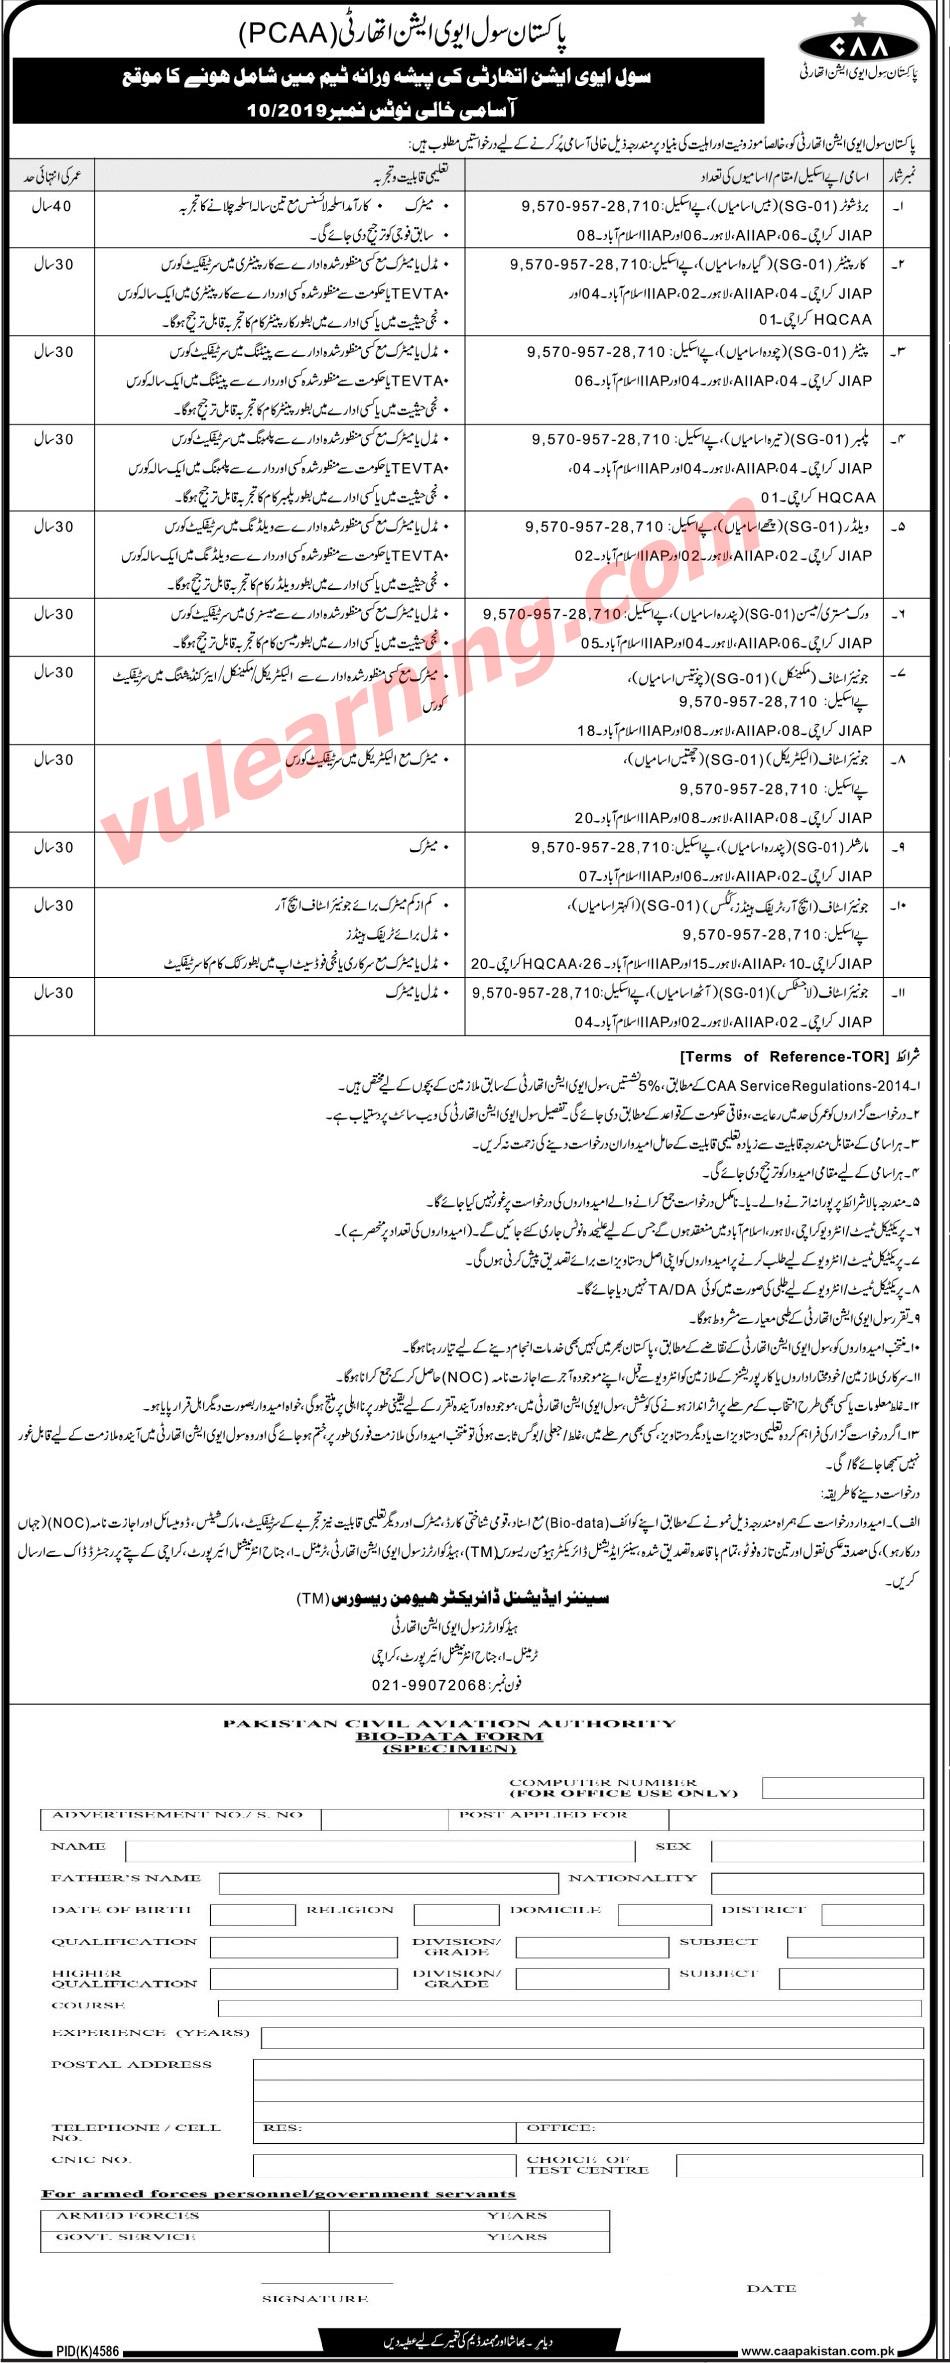 Pakistan Civil Aviation Authority Jobs 2019 PCAA